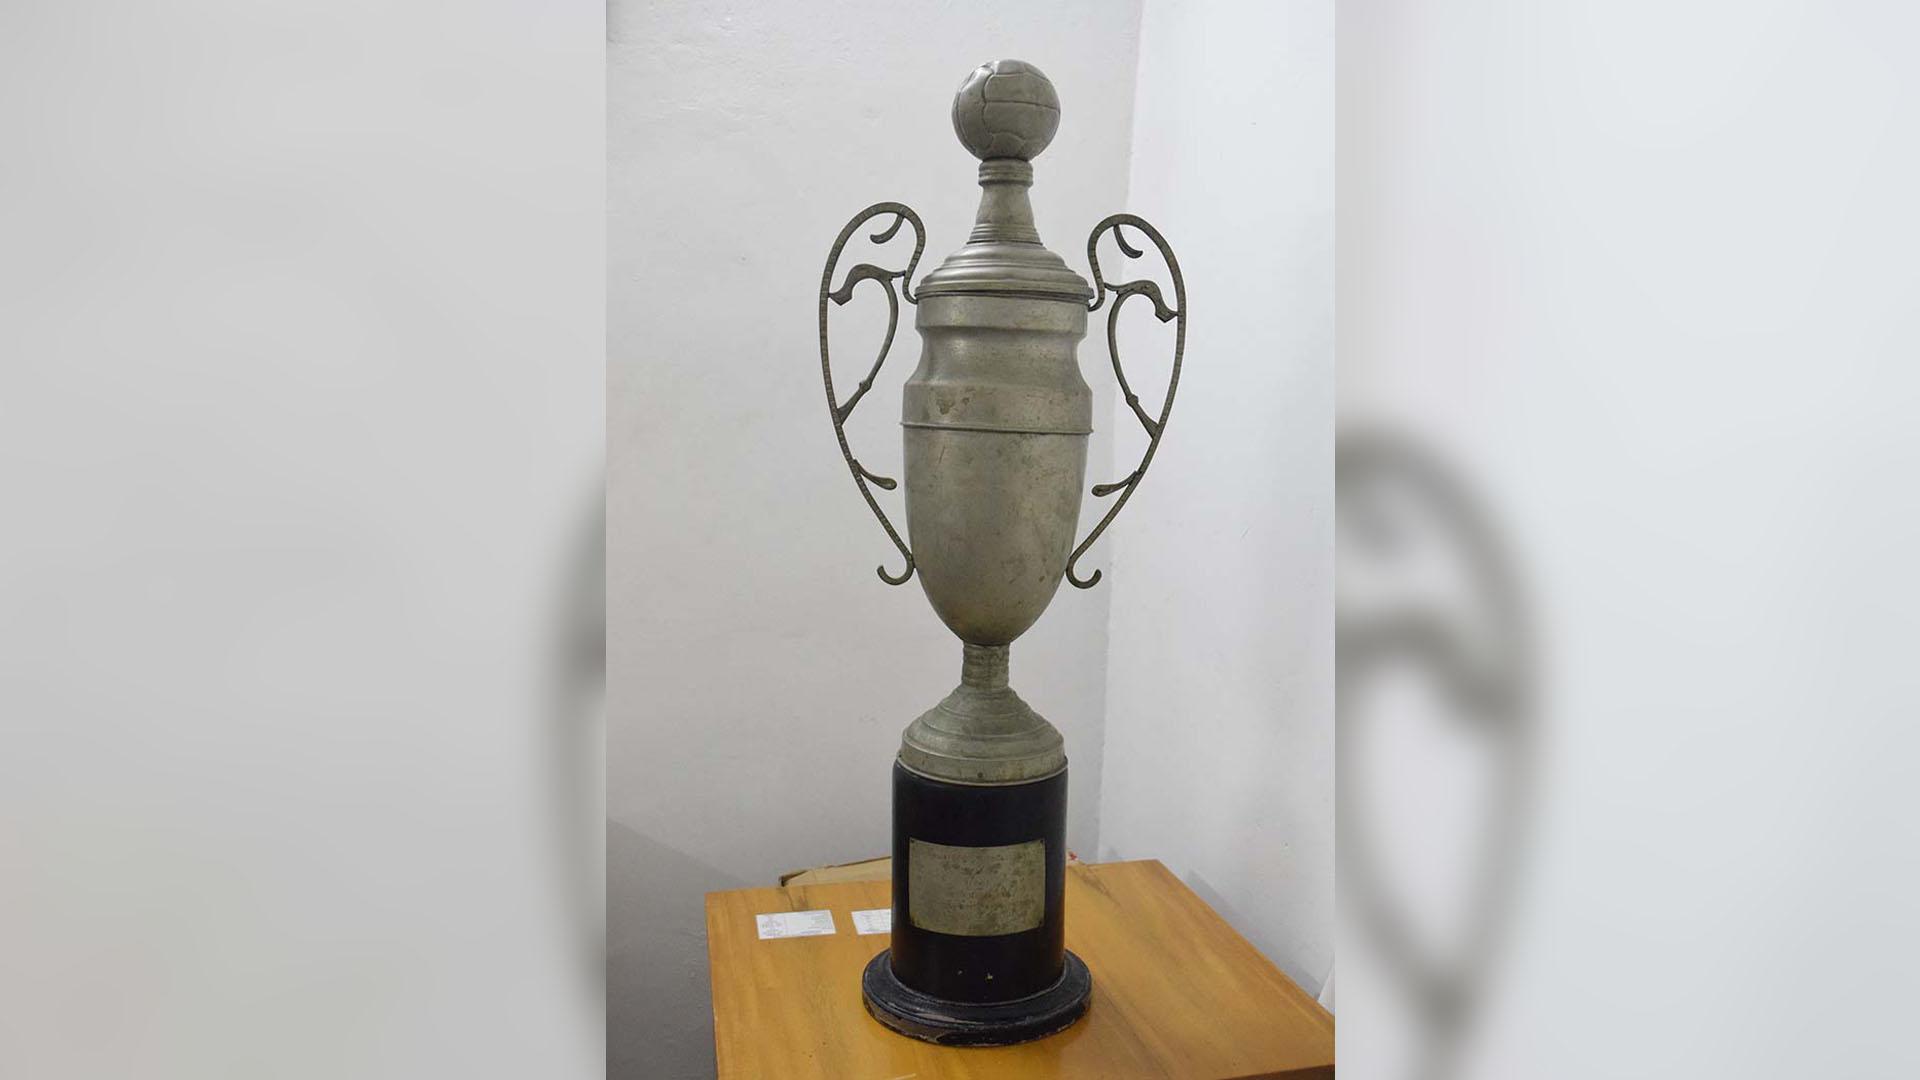 Este es el trofeo conseguido por el Unión Magdalena.